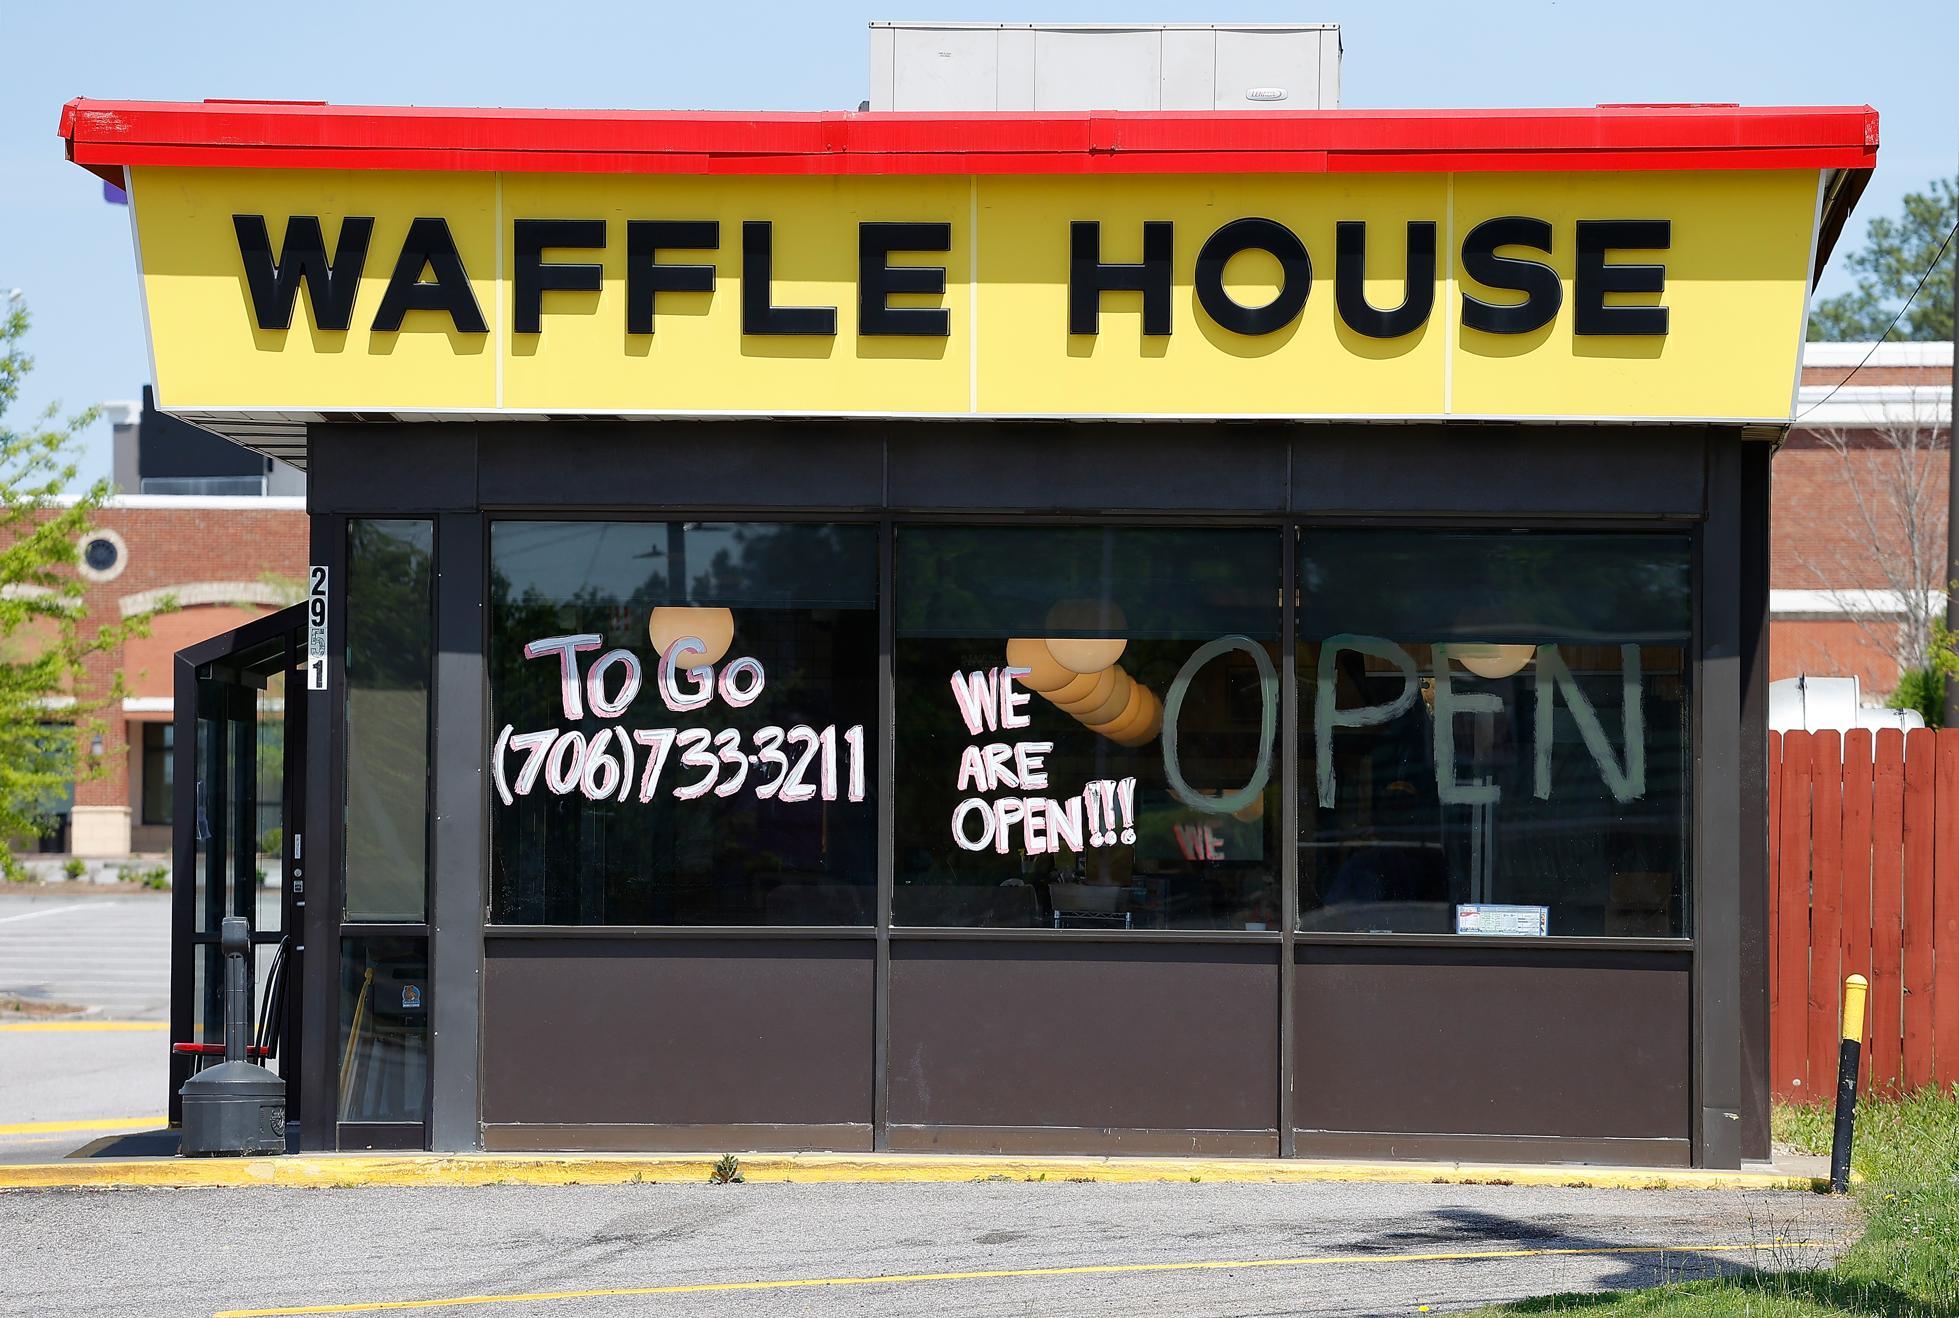 Poucos locais da Waffle House têm drive-thru, o que tornou a transição para os pedidos de entrega mais desafiadora.